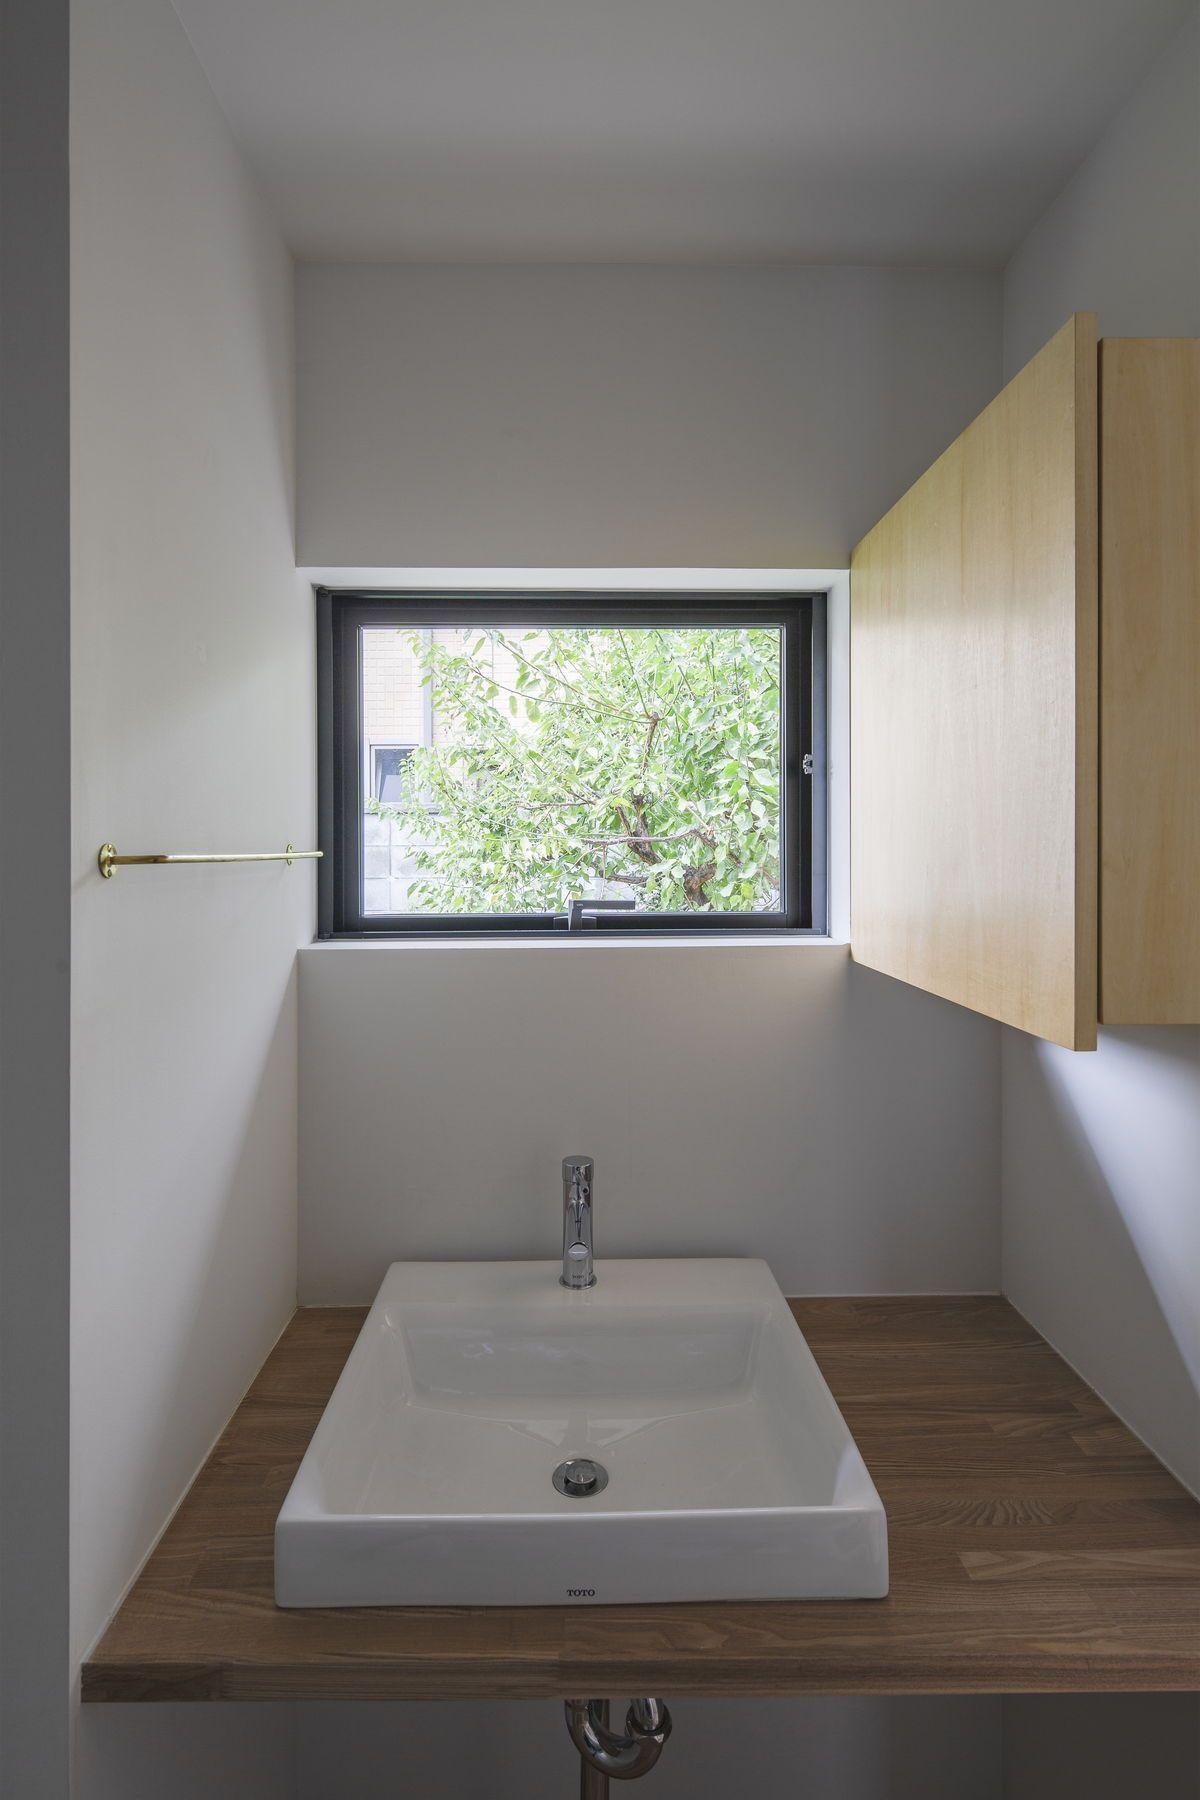 洗面鏡は戸棚扉の内側に仕込み 常時は庭を眺められる仕組み